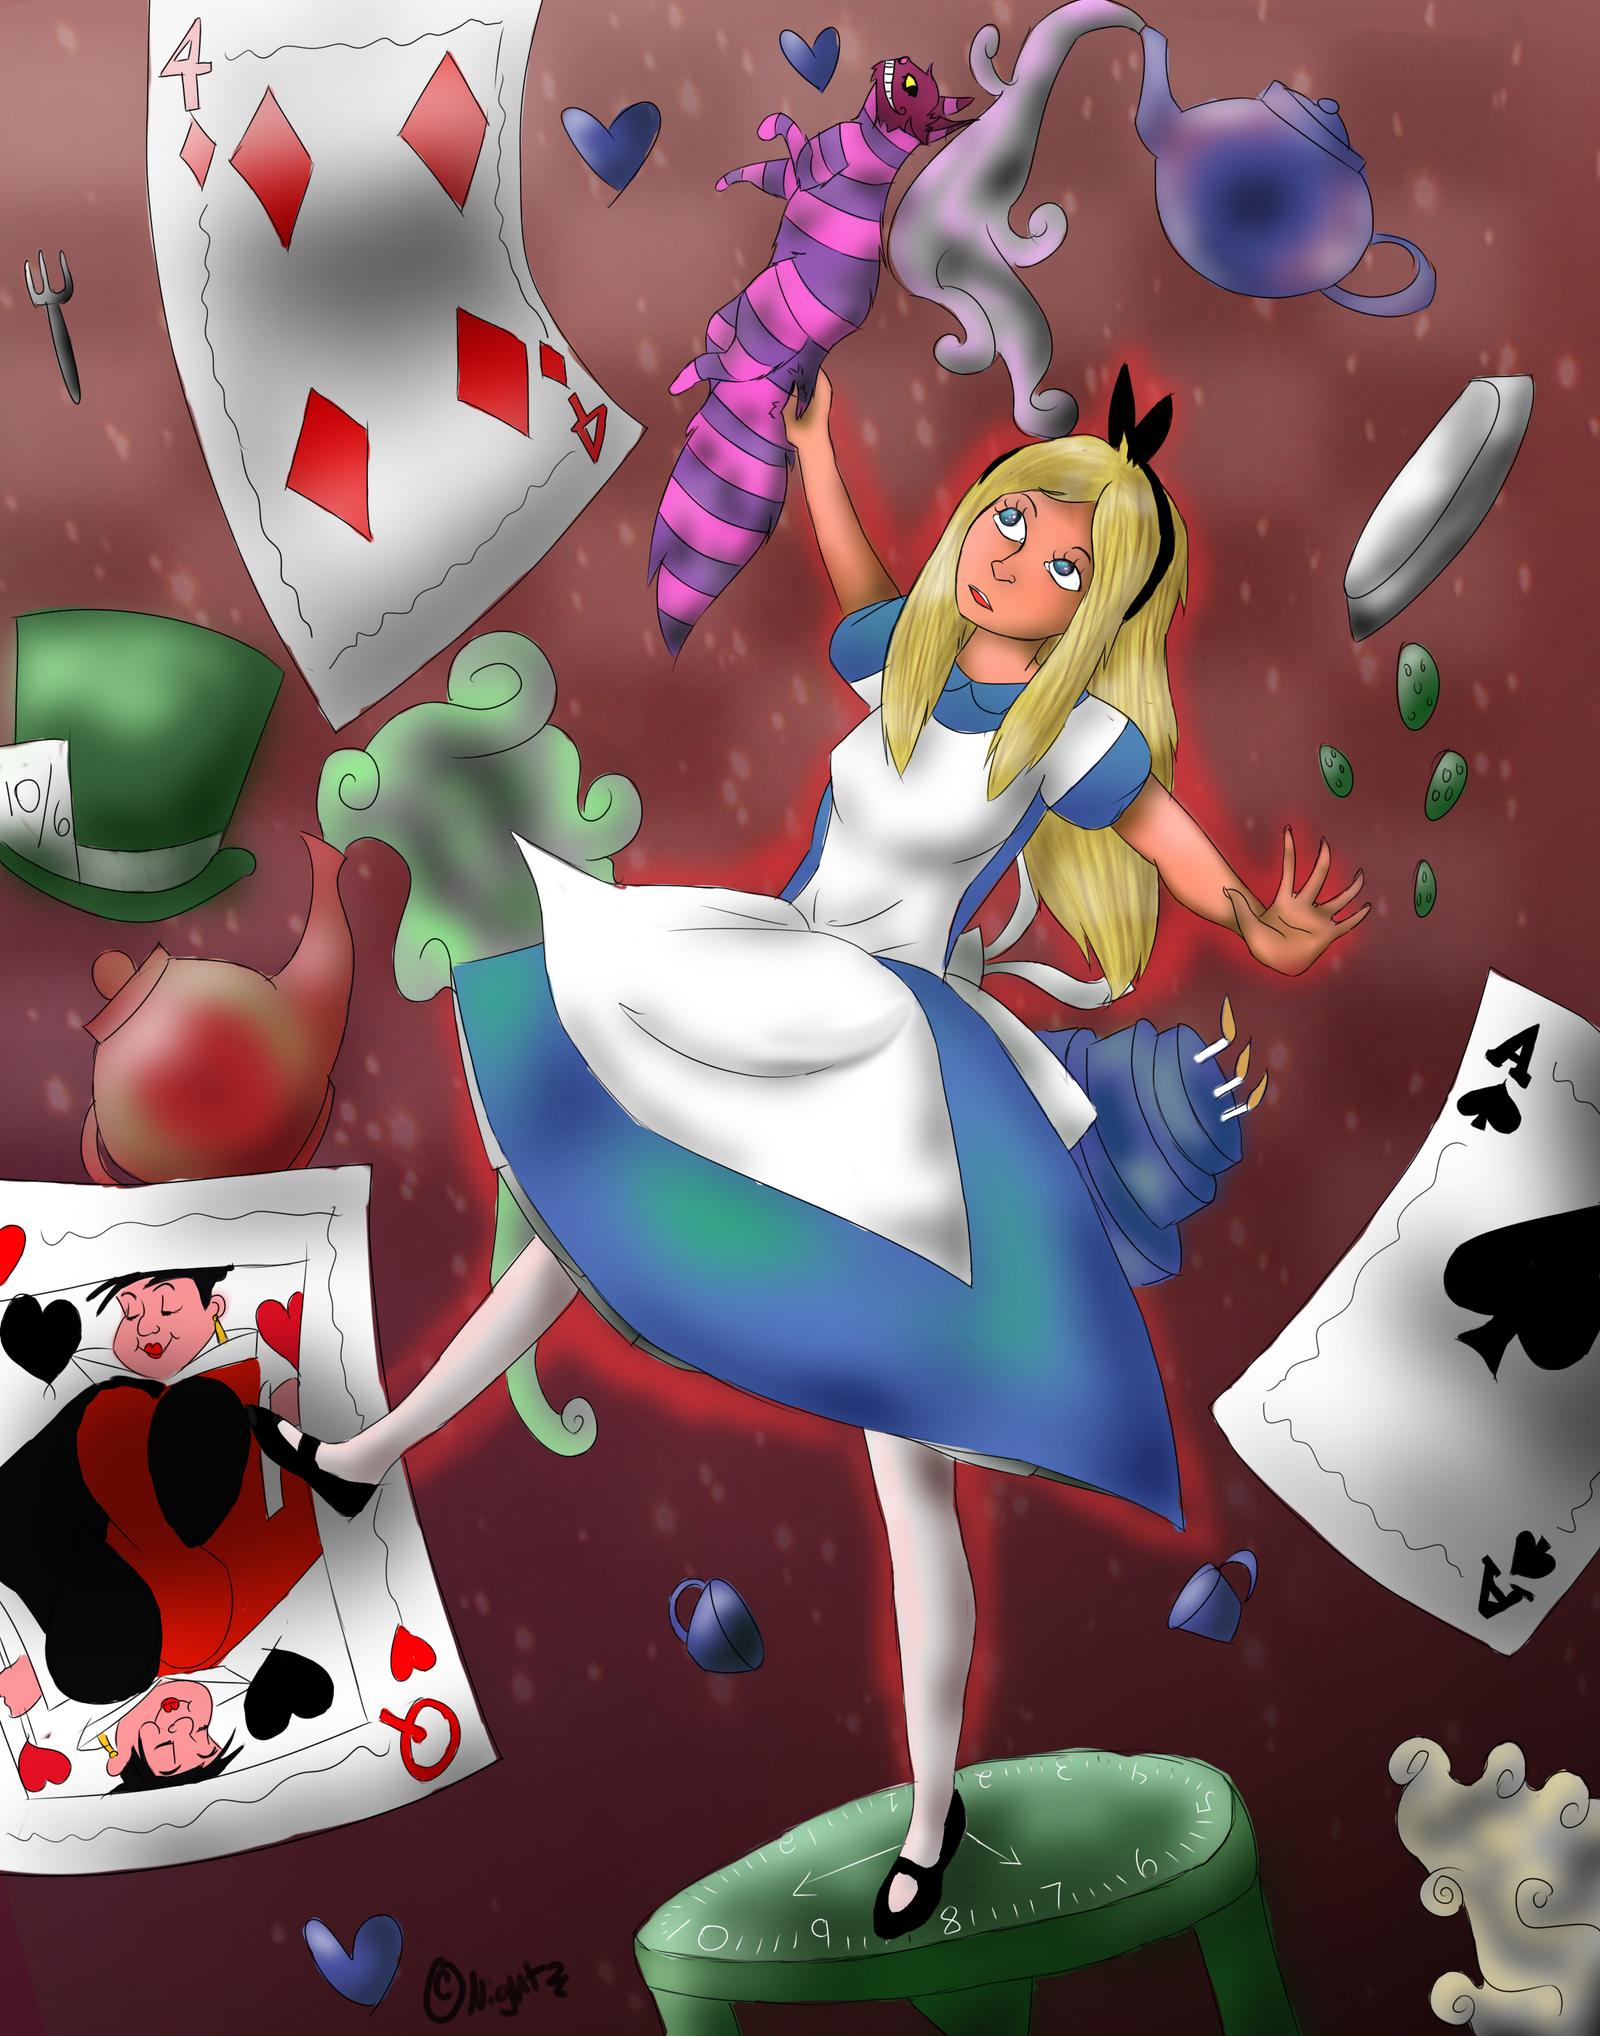 Wallpaper iphone alice wonderland - Alice In Wonderland By Exodusa Alice In Wonderland By Exodusa